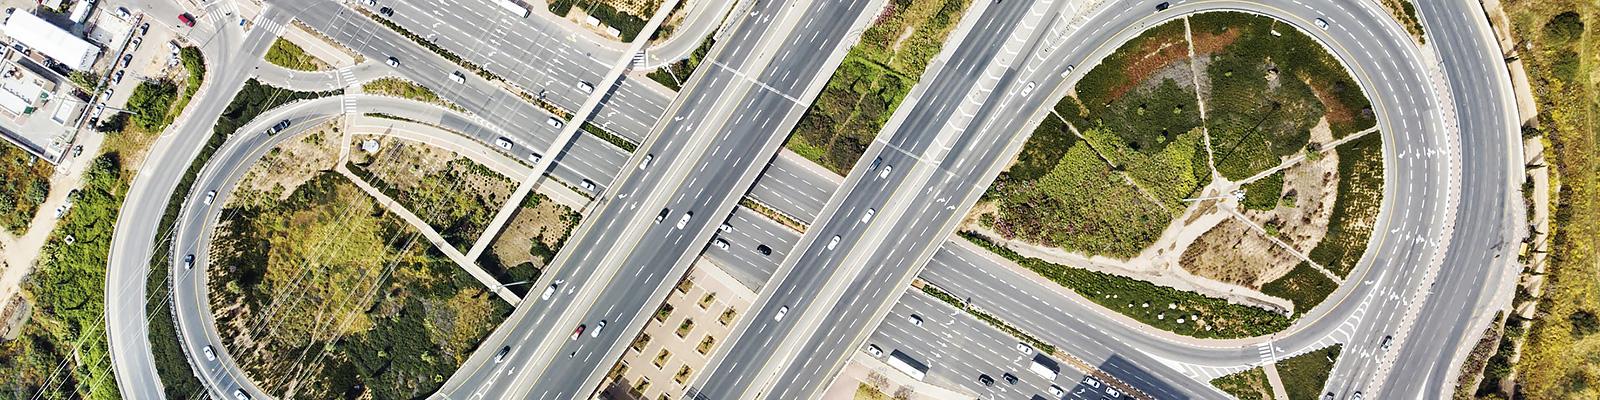 イスラエル 道路 交通 自動車